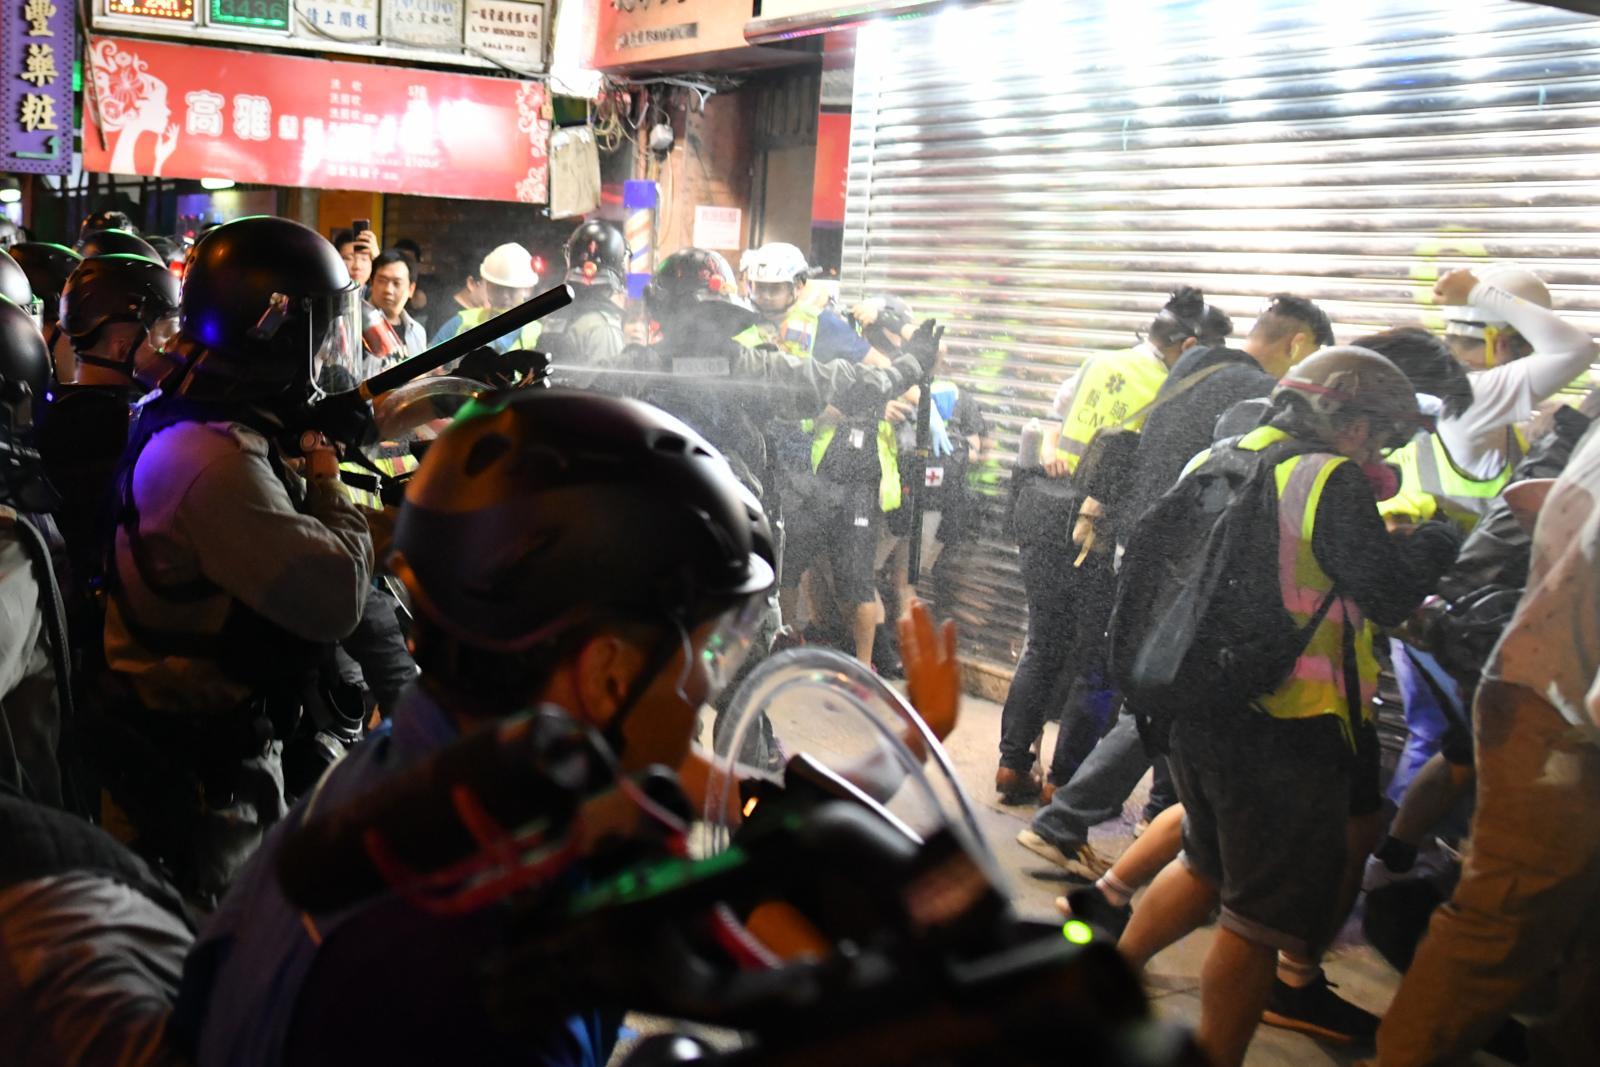 在場的警員向義務急救員噴胡椒水。